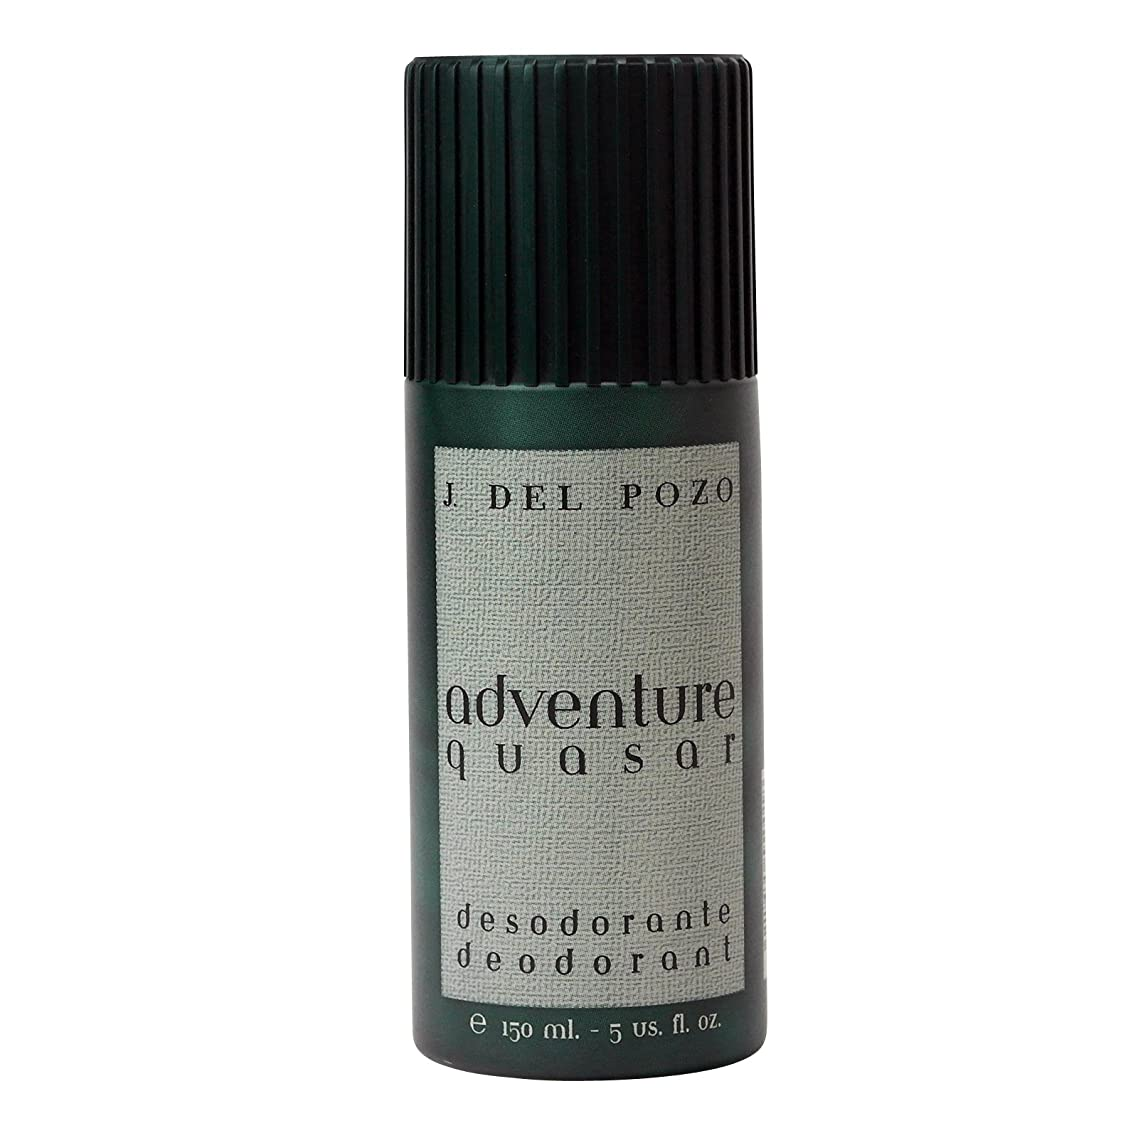 顔料ズーム強化Adventure Quasar (アドベンチャー クエイサー) 5.0 oz (150ml) Deodorant Spray by J. Del Pozo for Men